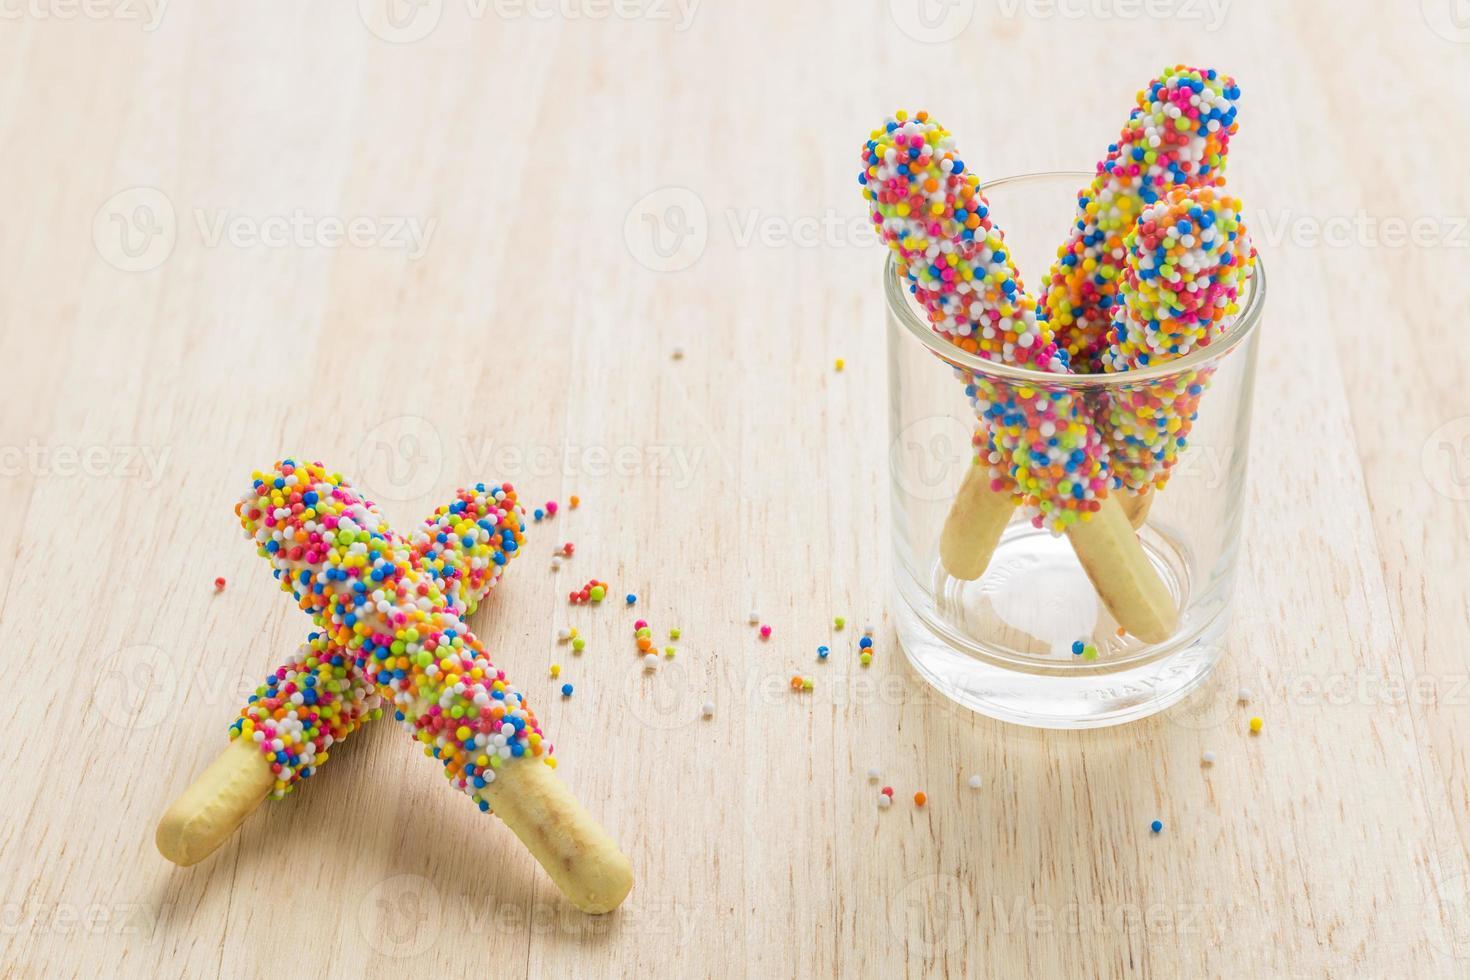 paus de pão doce polvilhado de açúcar doce que as crianças adoram. foto